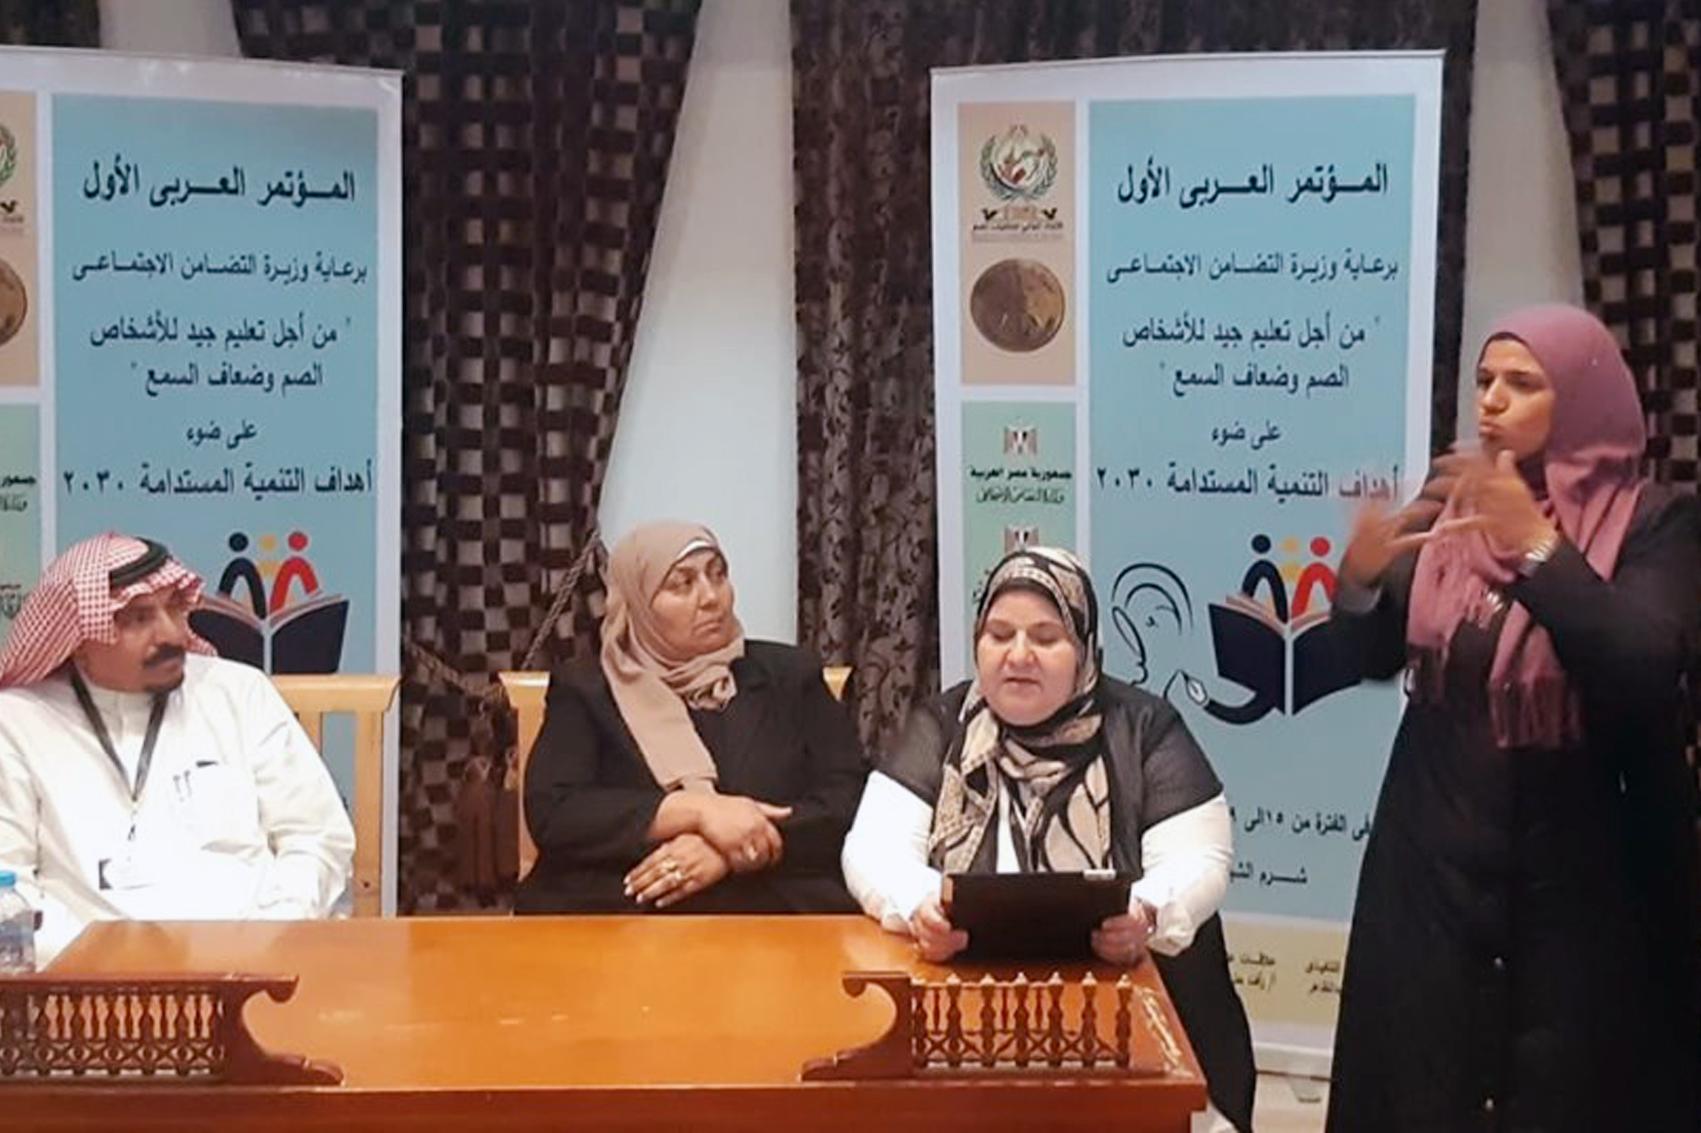 الدعوة لتأسيس رابطة عربية لمنظمات واتحادات الصم وضعاف السمع